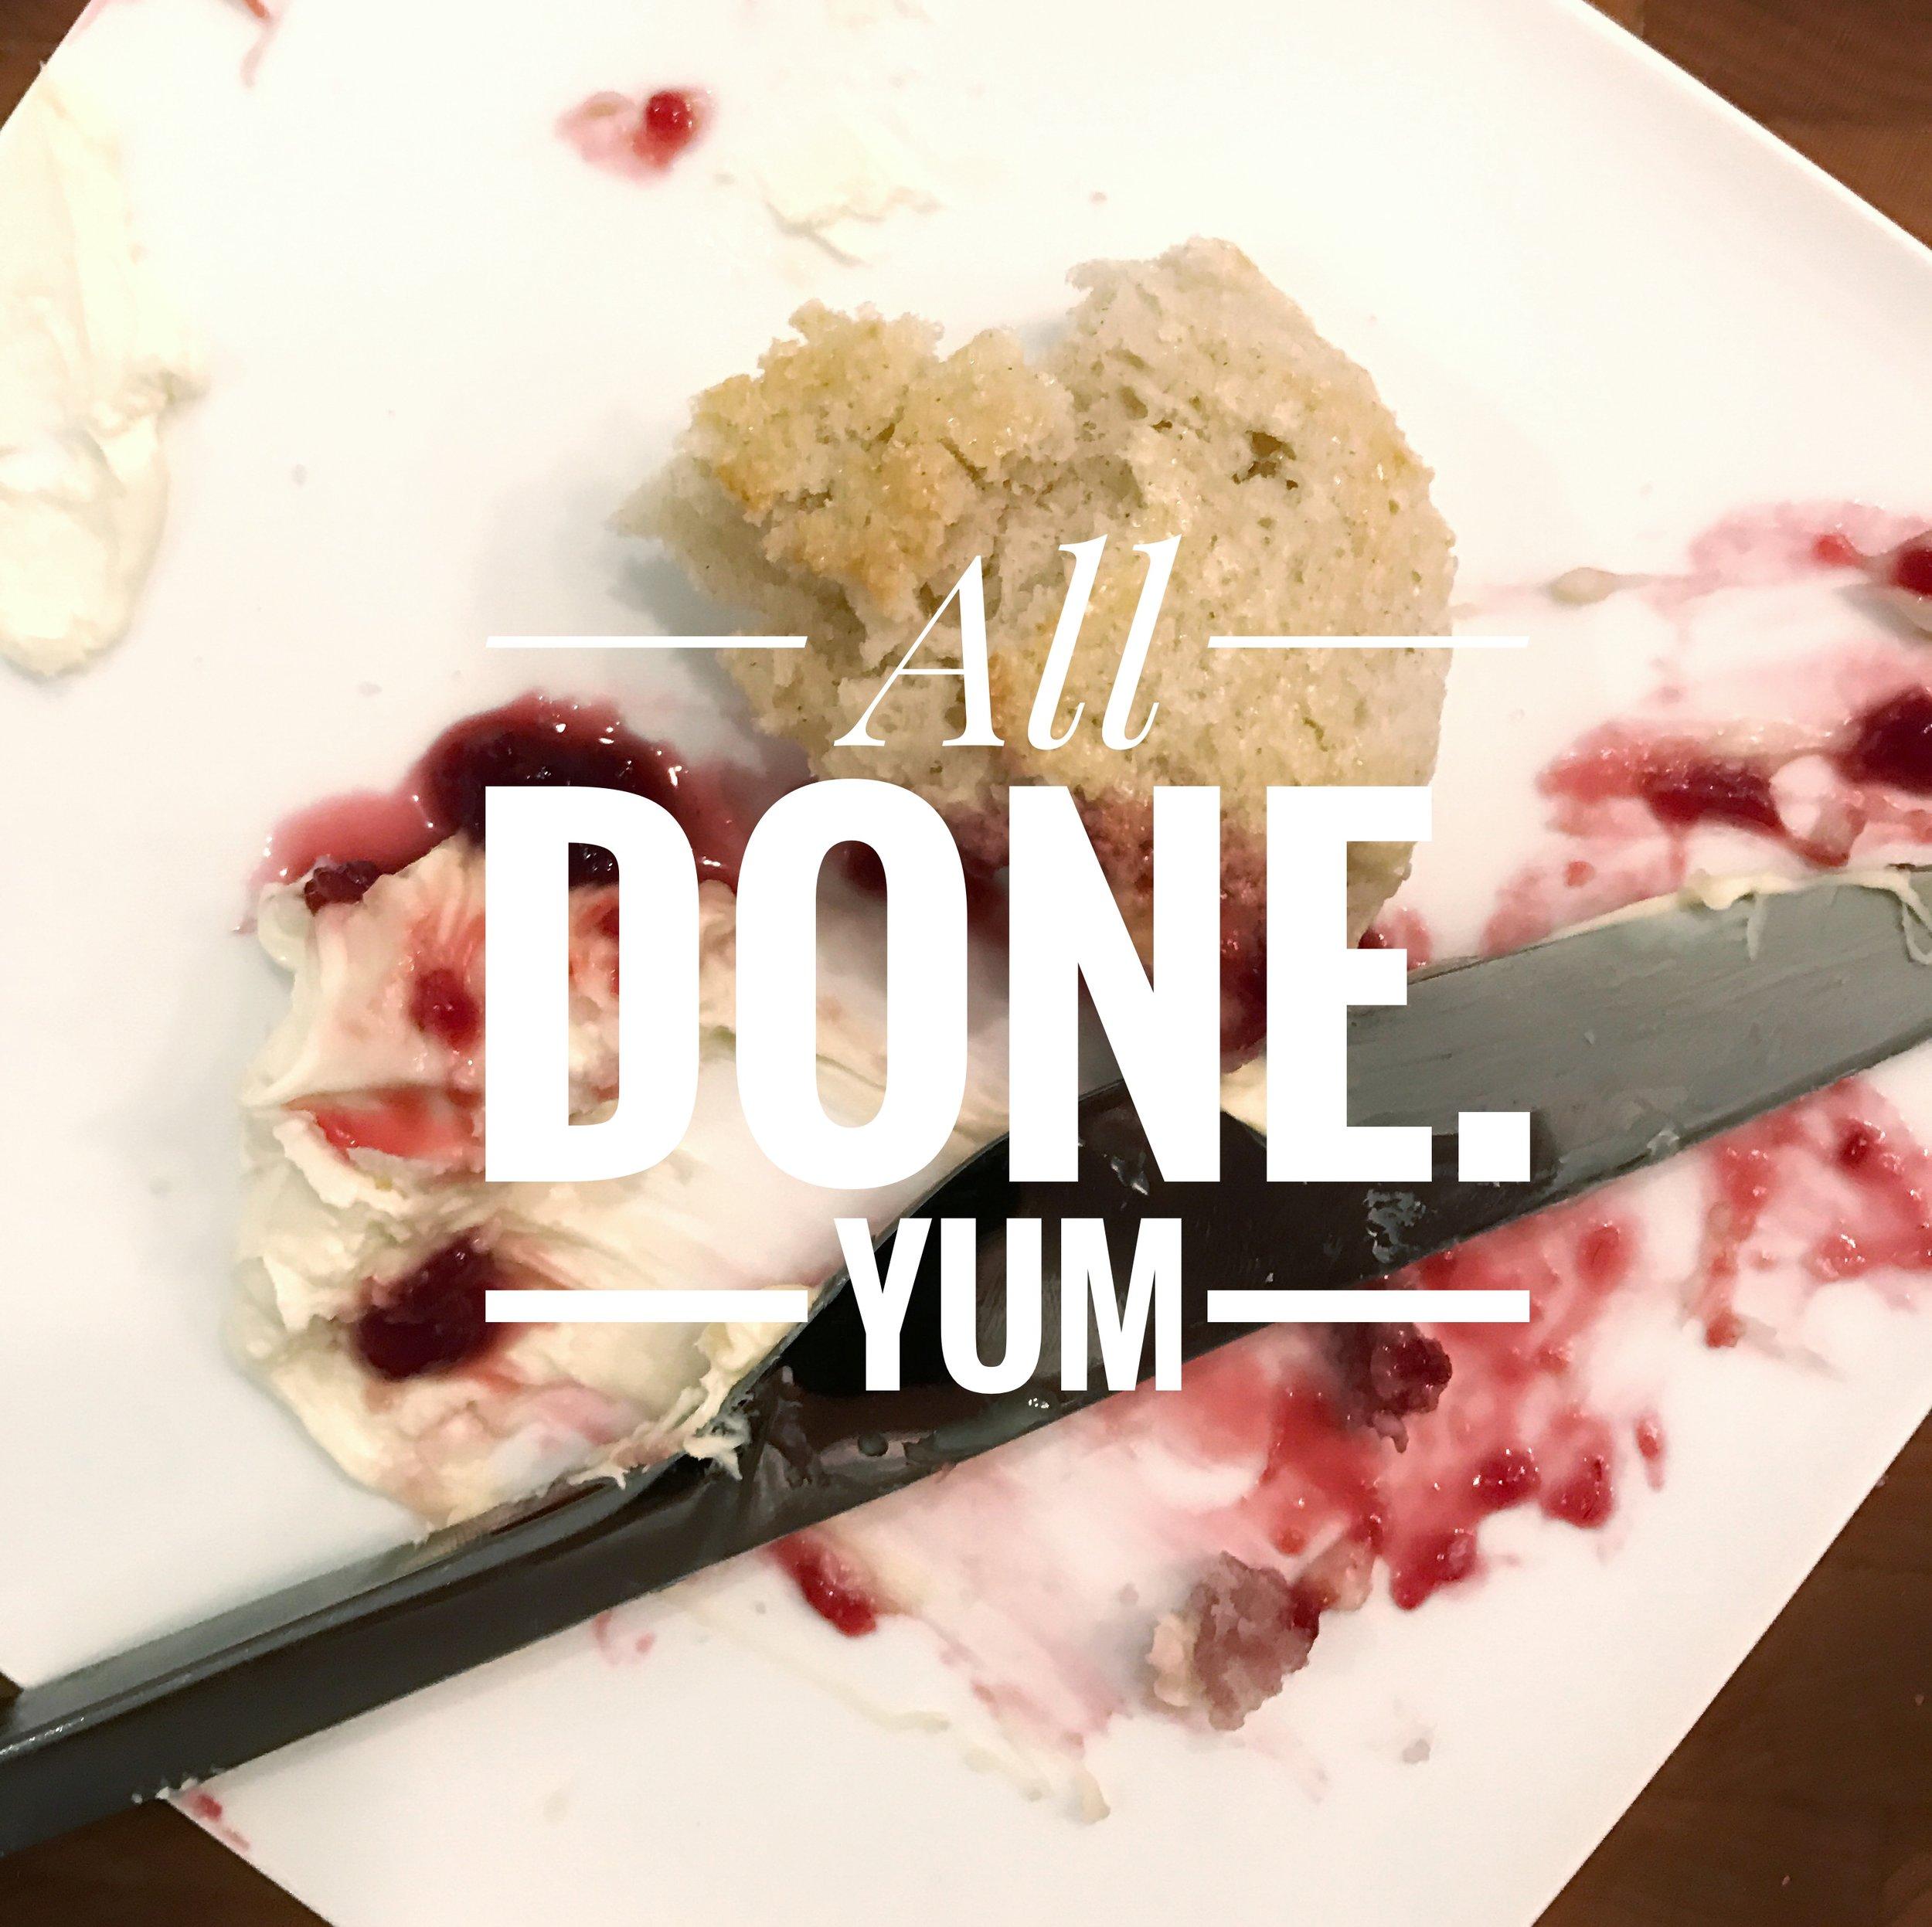 All Done. Scones, cream and jam.